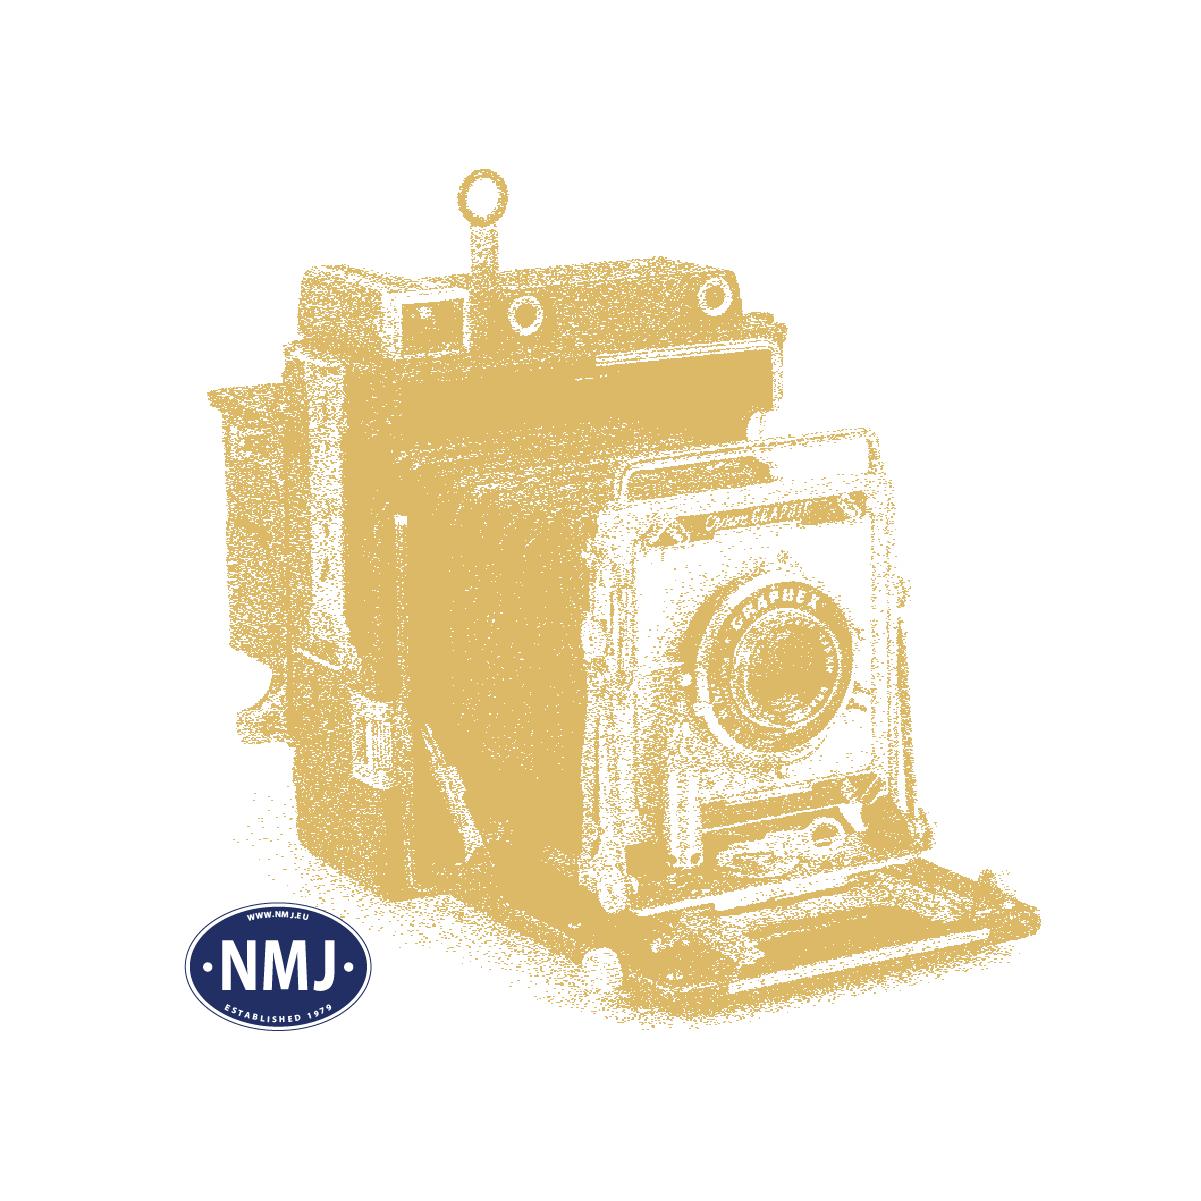 MBR51-4401 - Weißtanne, Sommer, 30-40cm, 0+1